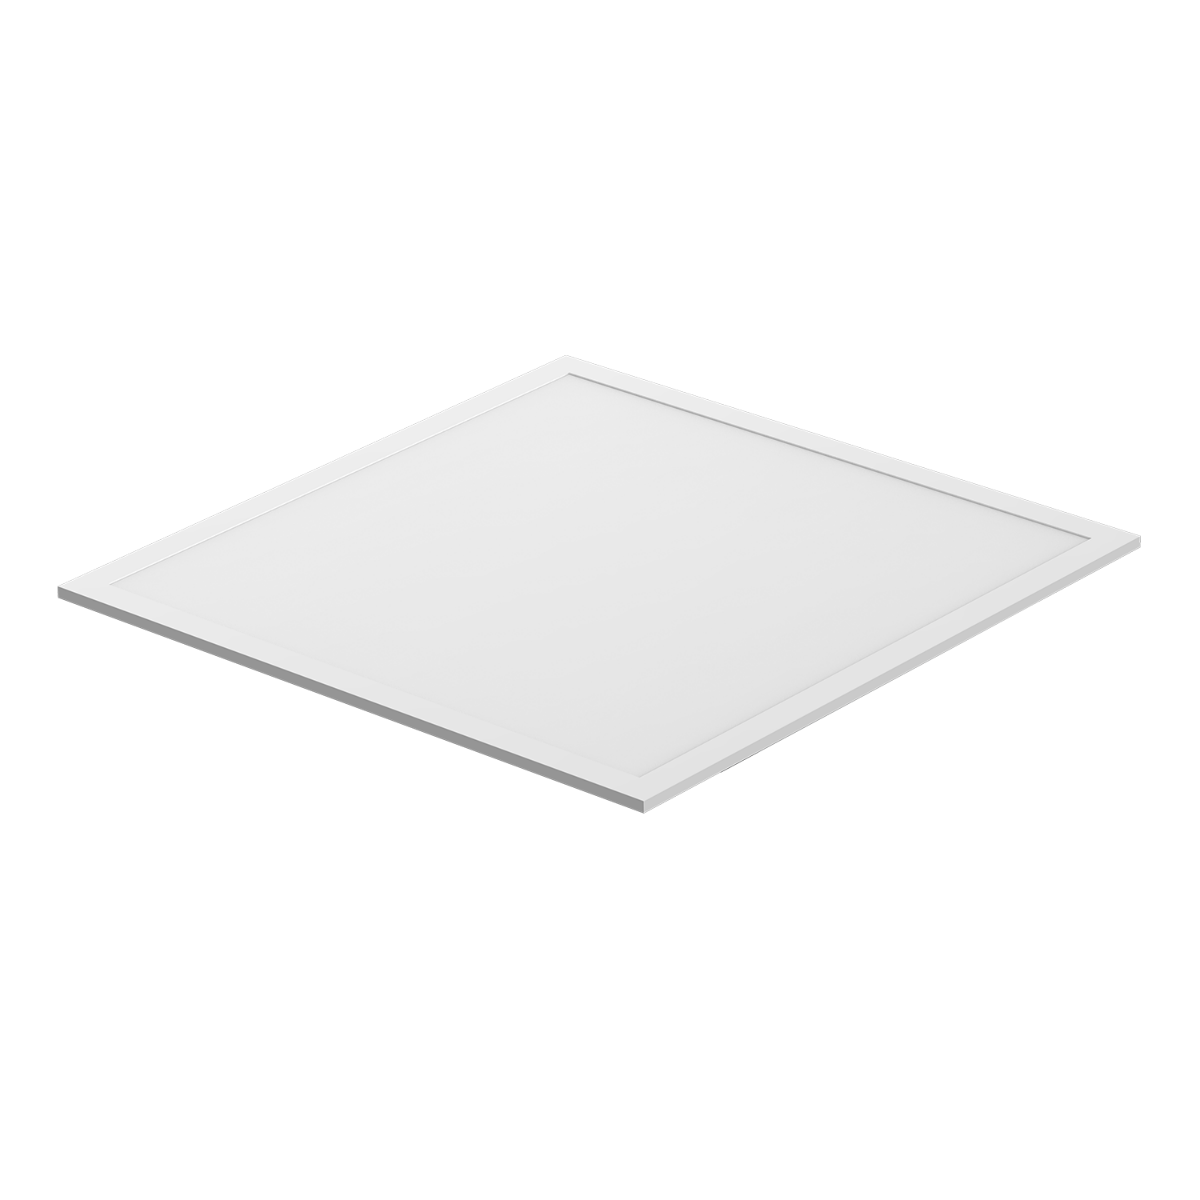 Noxion LED Paneeli Econox 32W 60x60cm 6500K 4400lm UGR <22 | Päivänvalo Valkoinen - Korvaa 4x18W